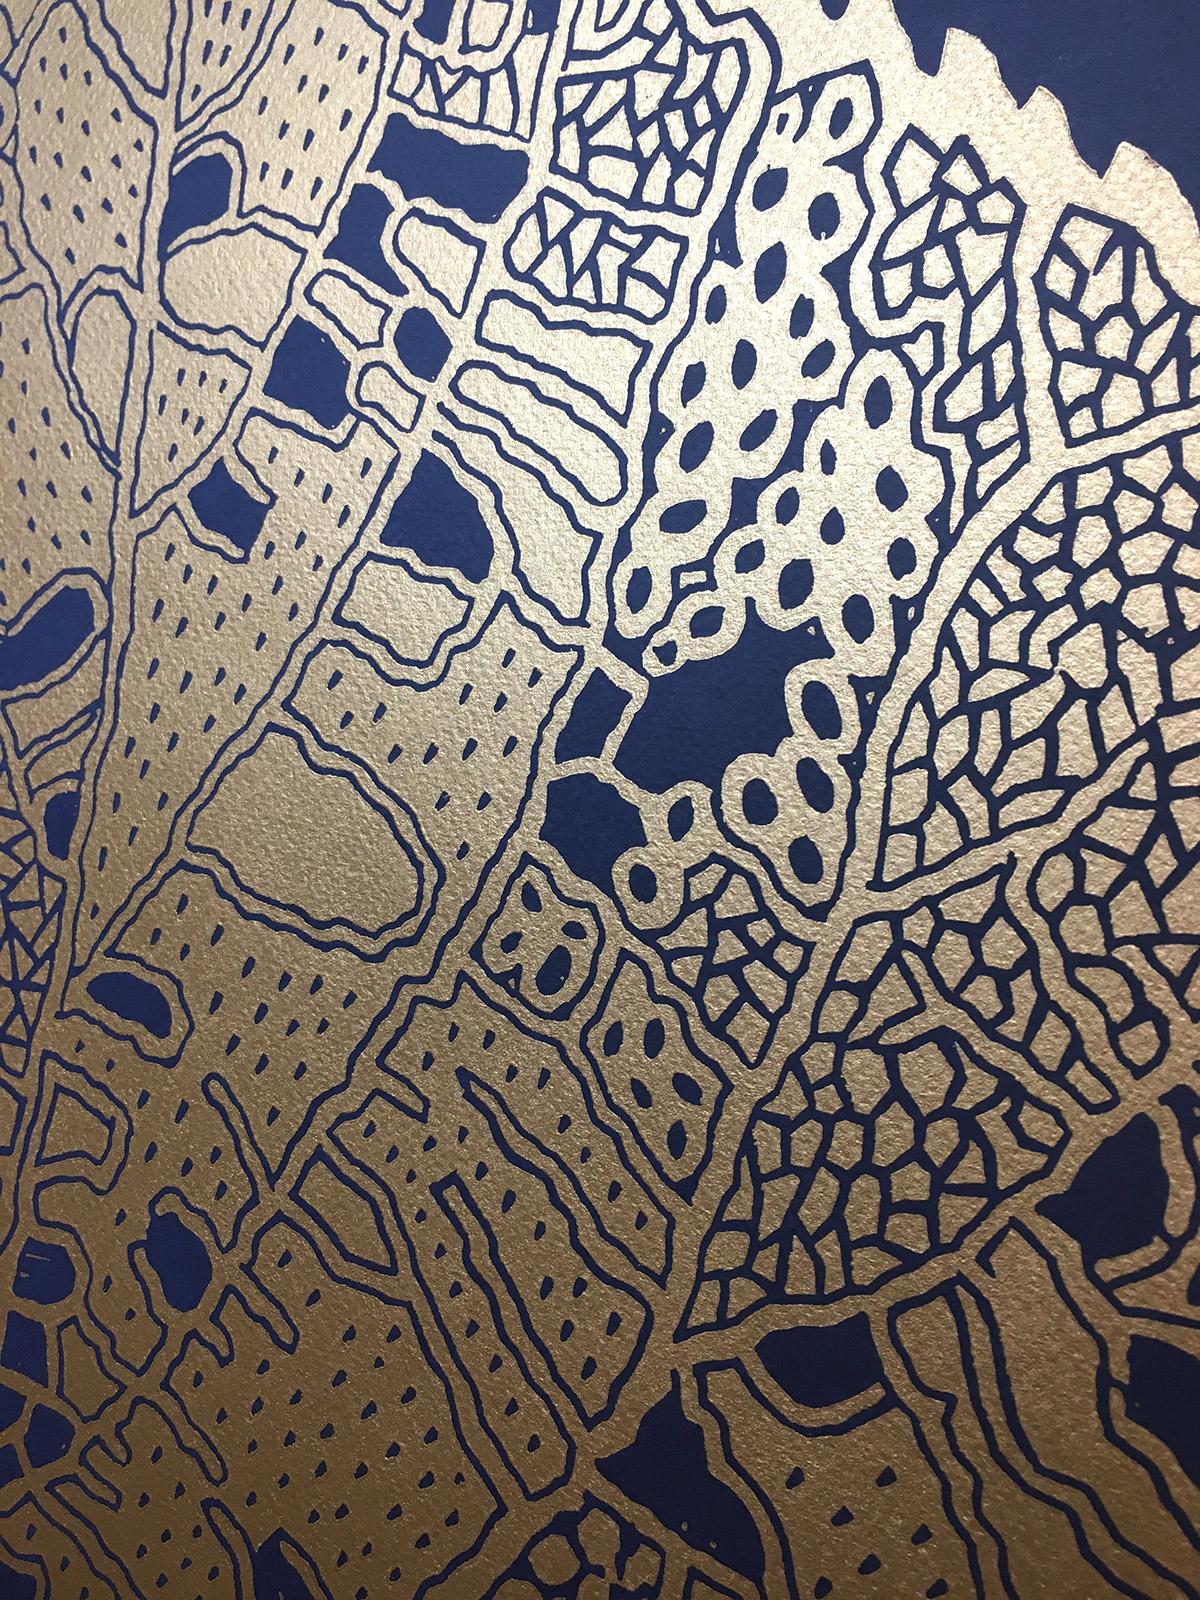 plakater-posters-kunsttryk, linoleumstryk, æstetiske, figurative, grafiske, illustrative, monokrome, still-life, botanik, natur, mønstre, blå, guld, akryl, papir, smukke, samtidskunst, dansk, dekorative, design, blomster, interiør, bolig-indretning, moderne, moderne-kunst, nordisk, planter, plakater, flotte, skandinavisk, Køb original kunst og kunstplakater. Malerier, tegninger, limited edition kunsttryk & plakater af dygtige kunstnere.